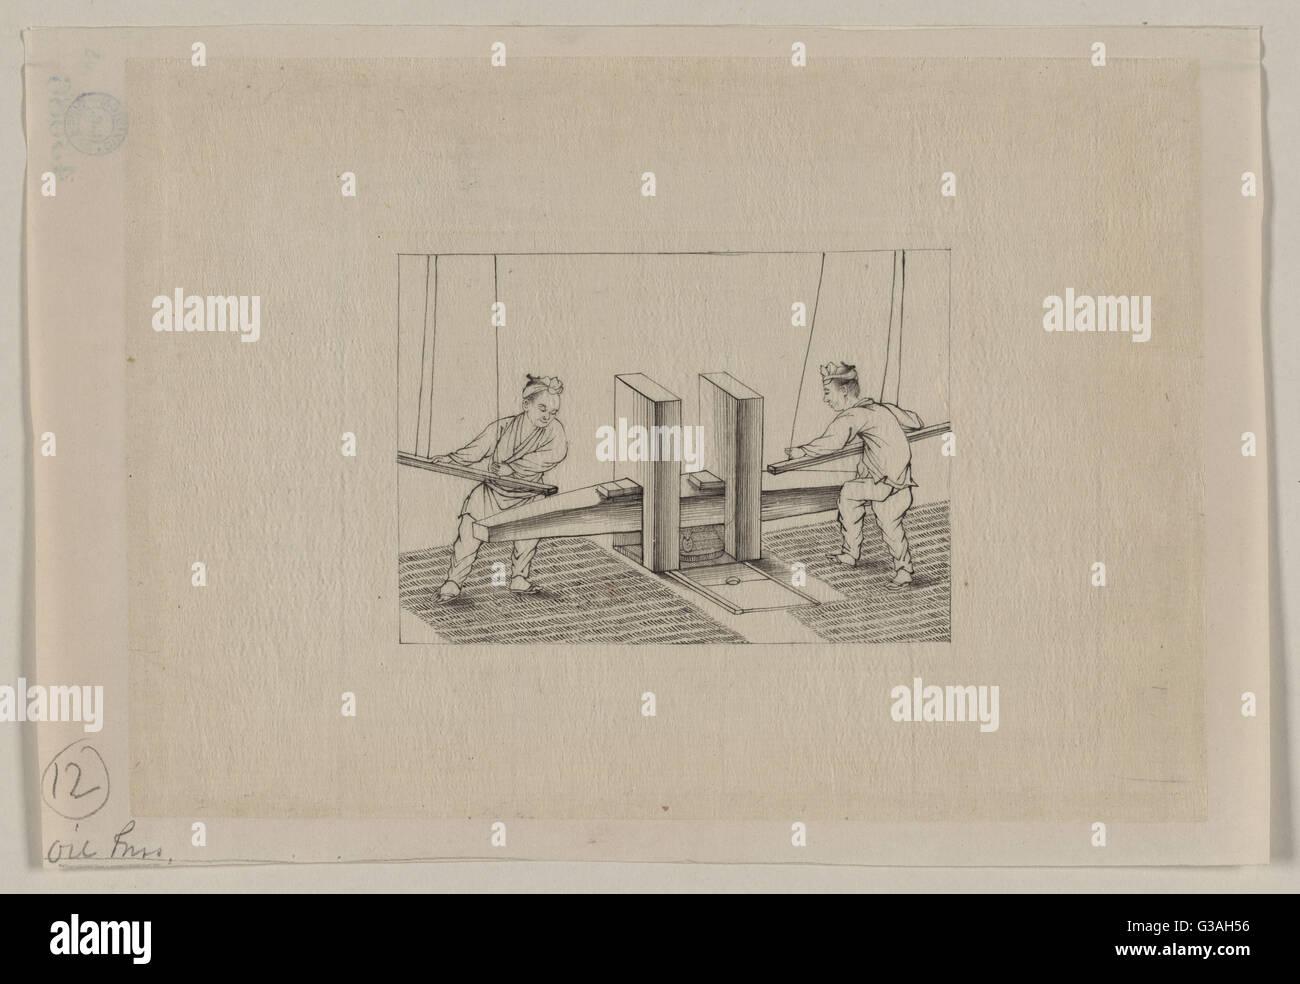 Presse à huile. Dessin montre deux hommes à l'aide de tiges filetées suspendus par des cordes Photo Stock